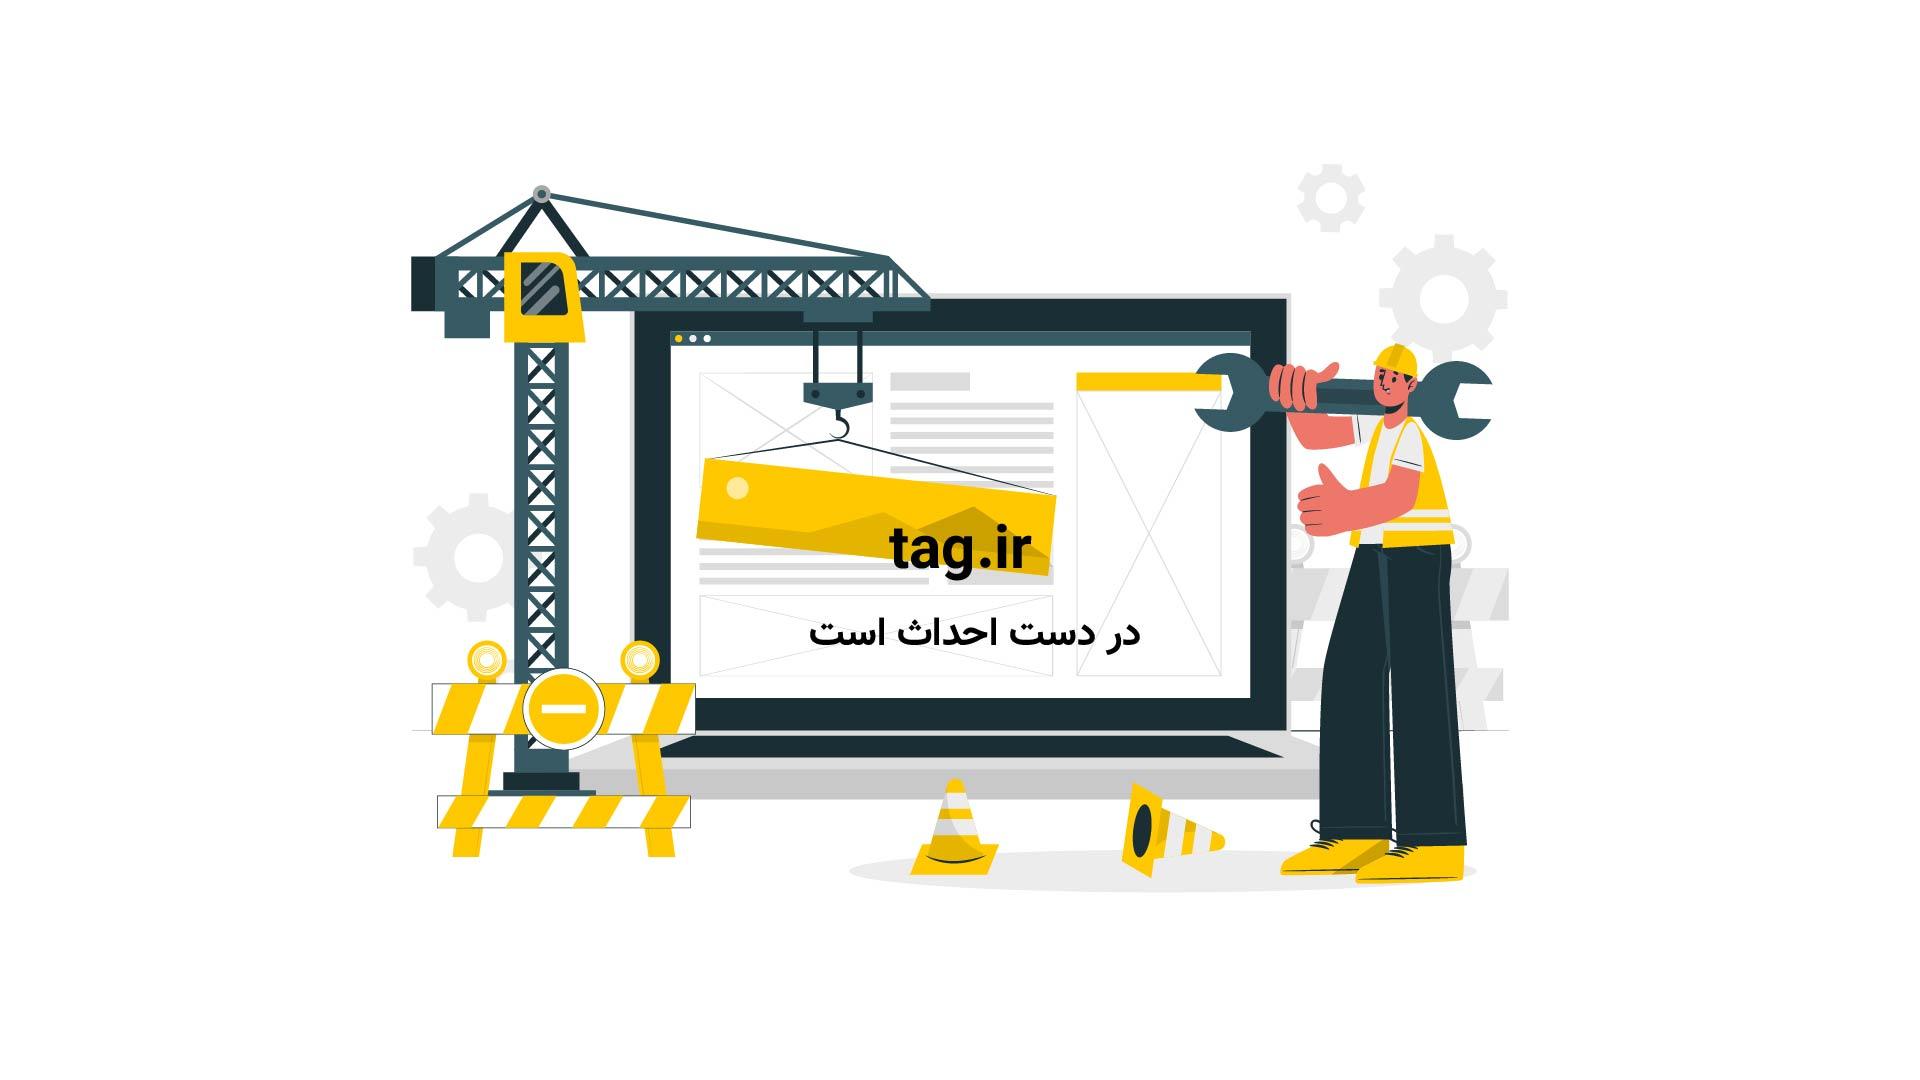 ایده هایی برای تزیین تخم مرغ رنگی عید | فیلم